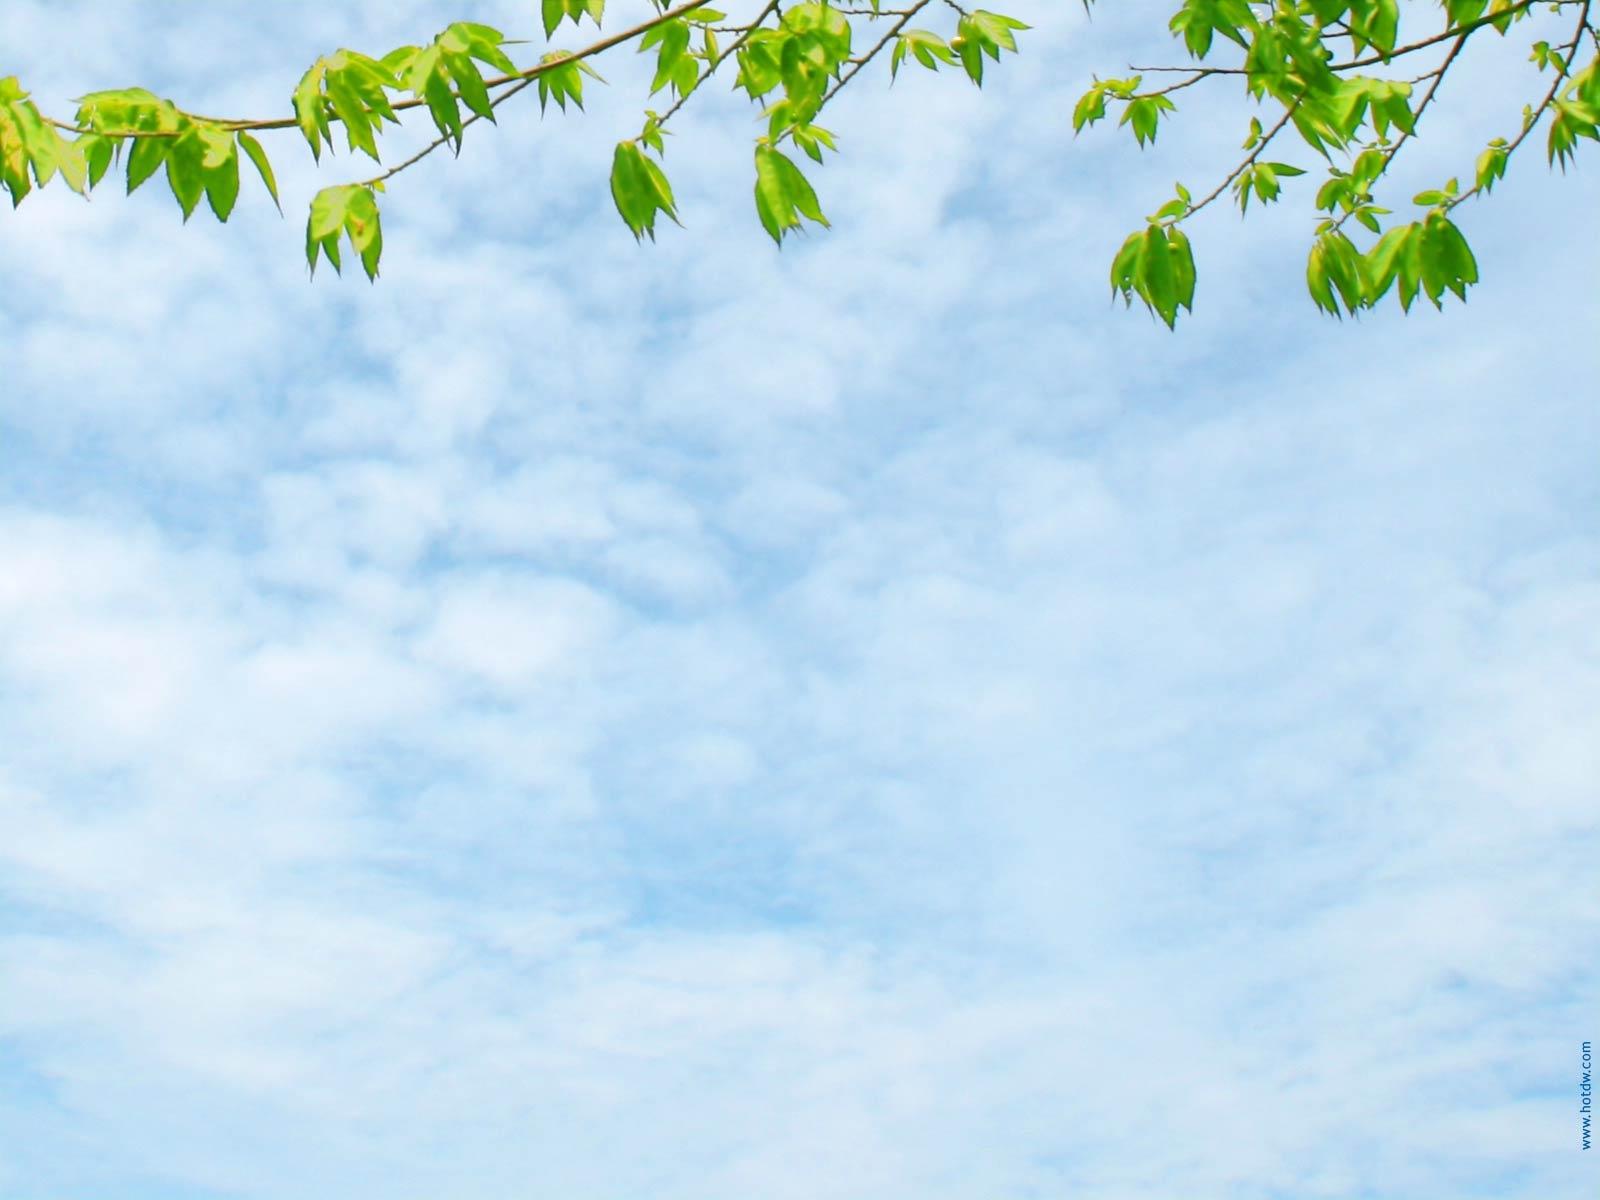 Шаблоны к презентации весна идет презентация скачать бесплатно